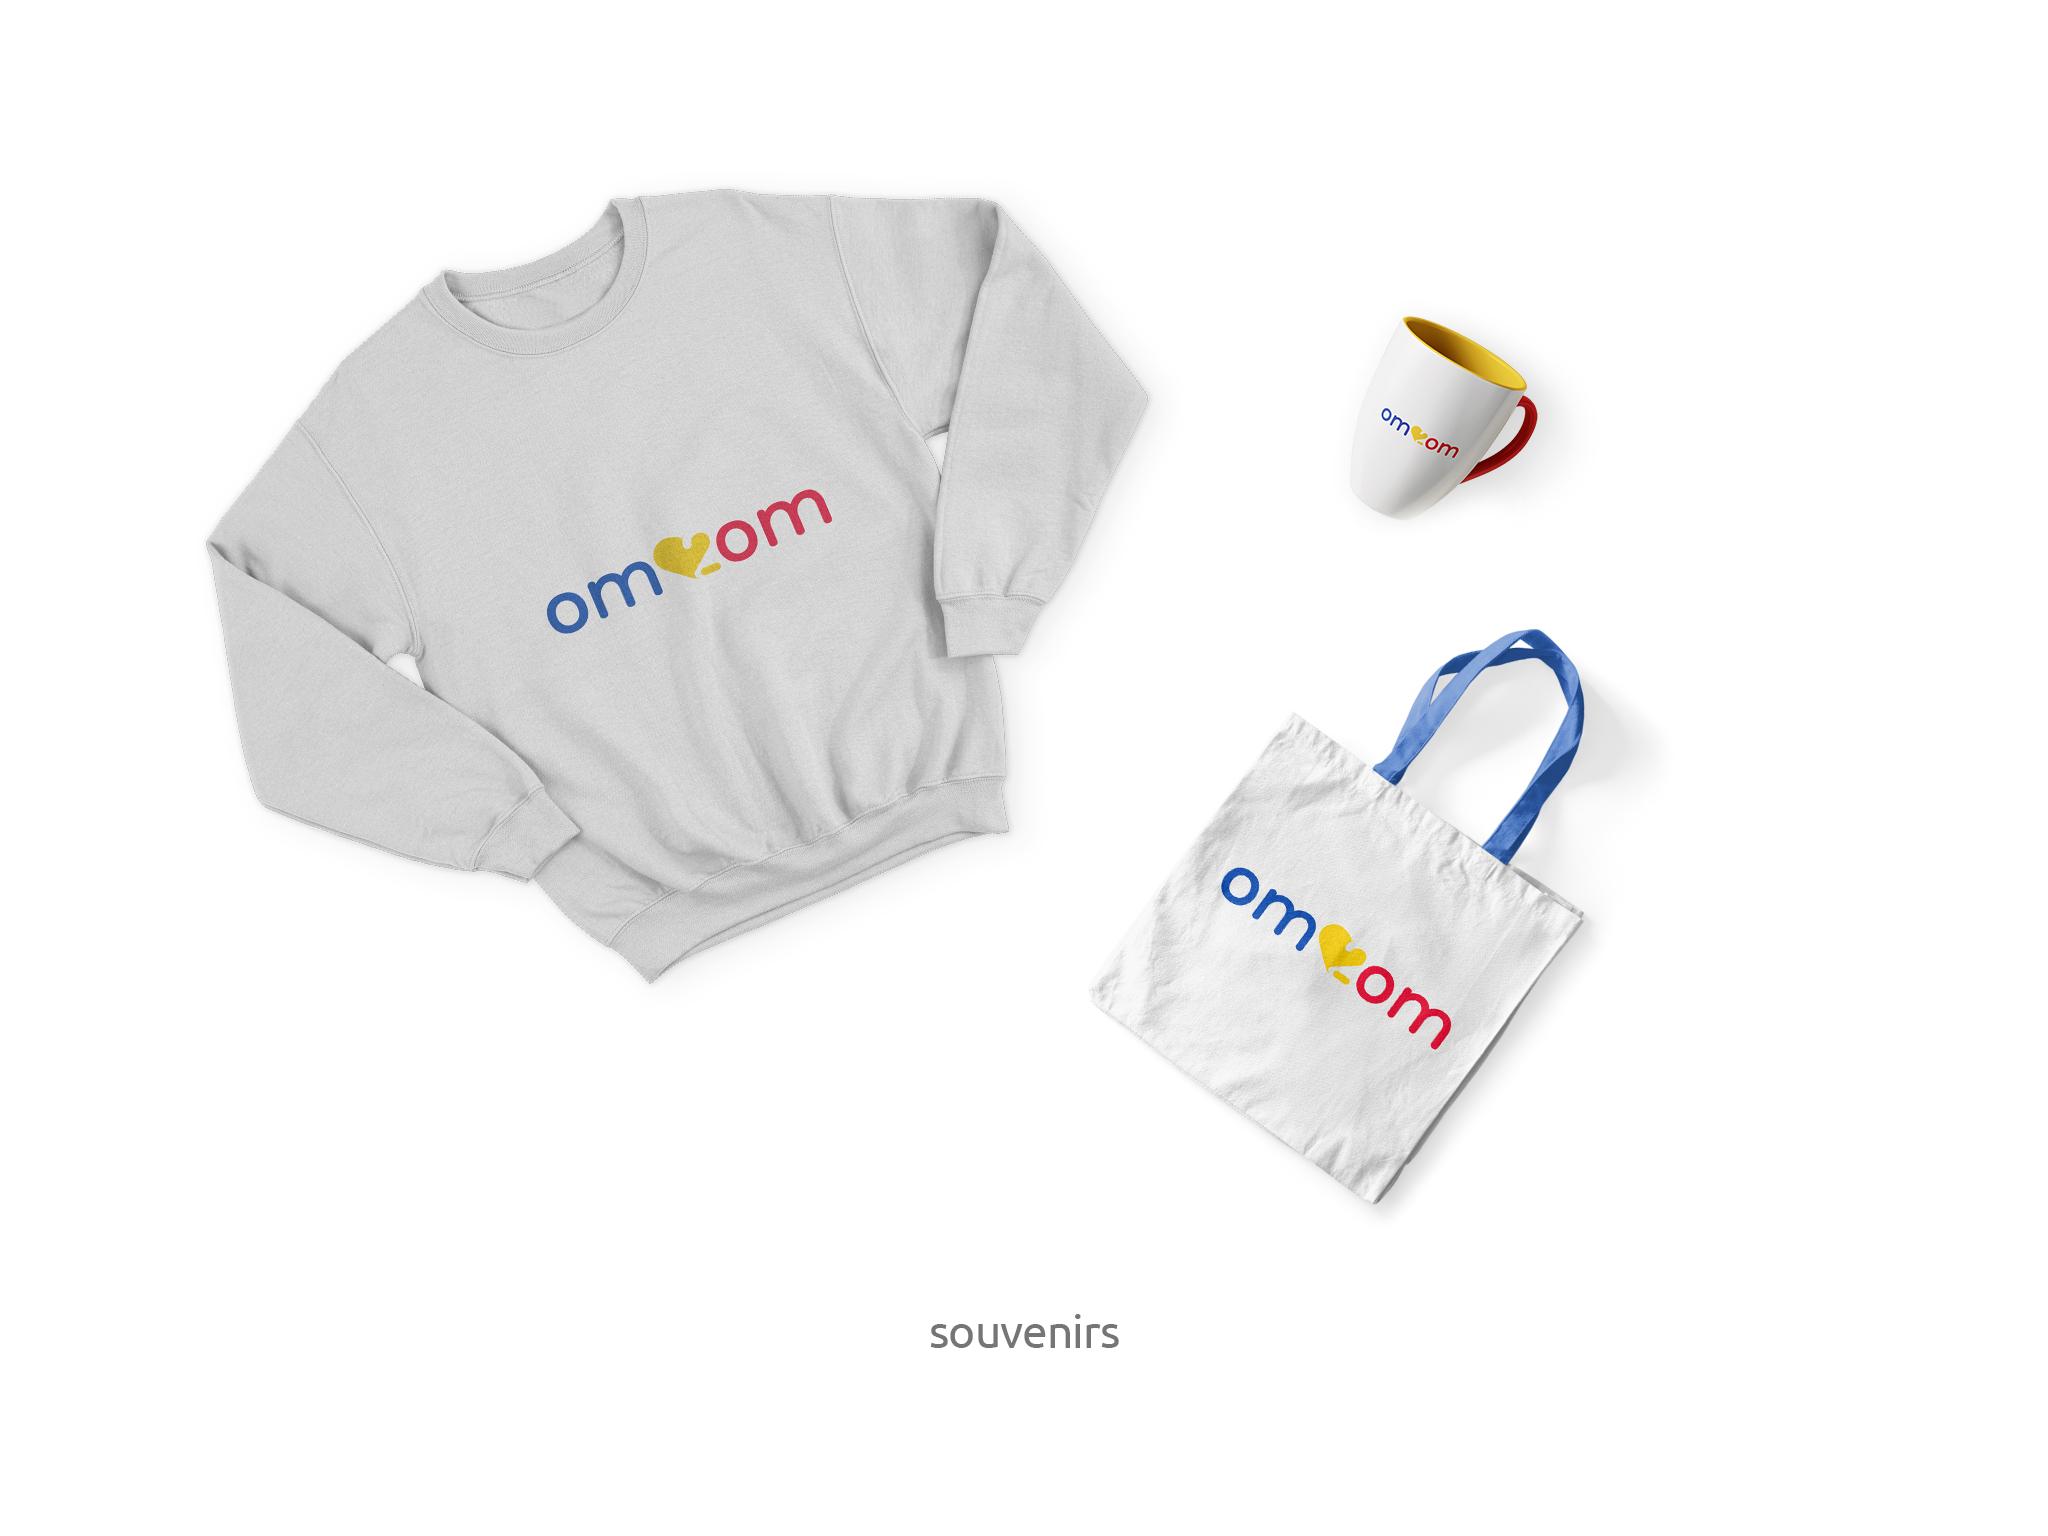 Разработка логотипа для краудфандинговой платформы om2om.md фото f_5435f593f8ea6c2f.jpg